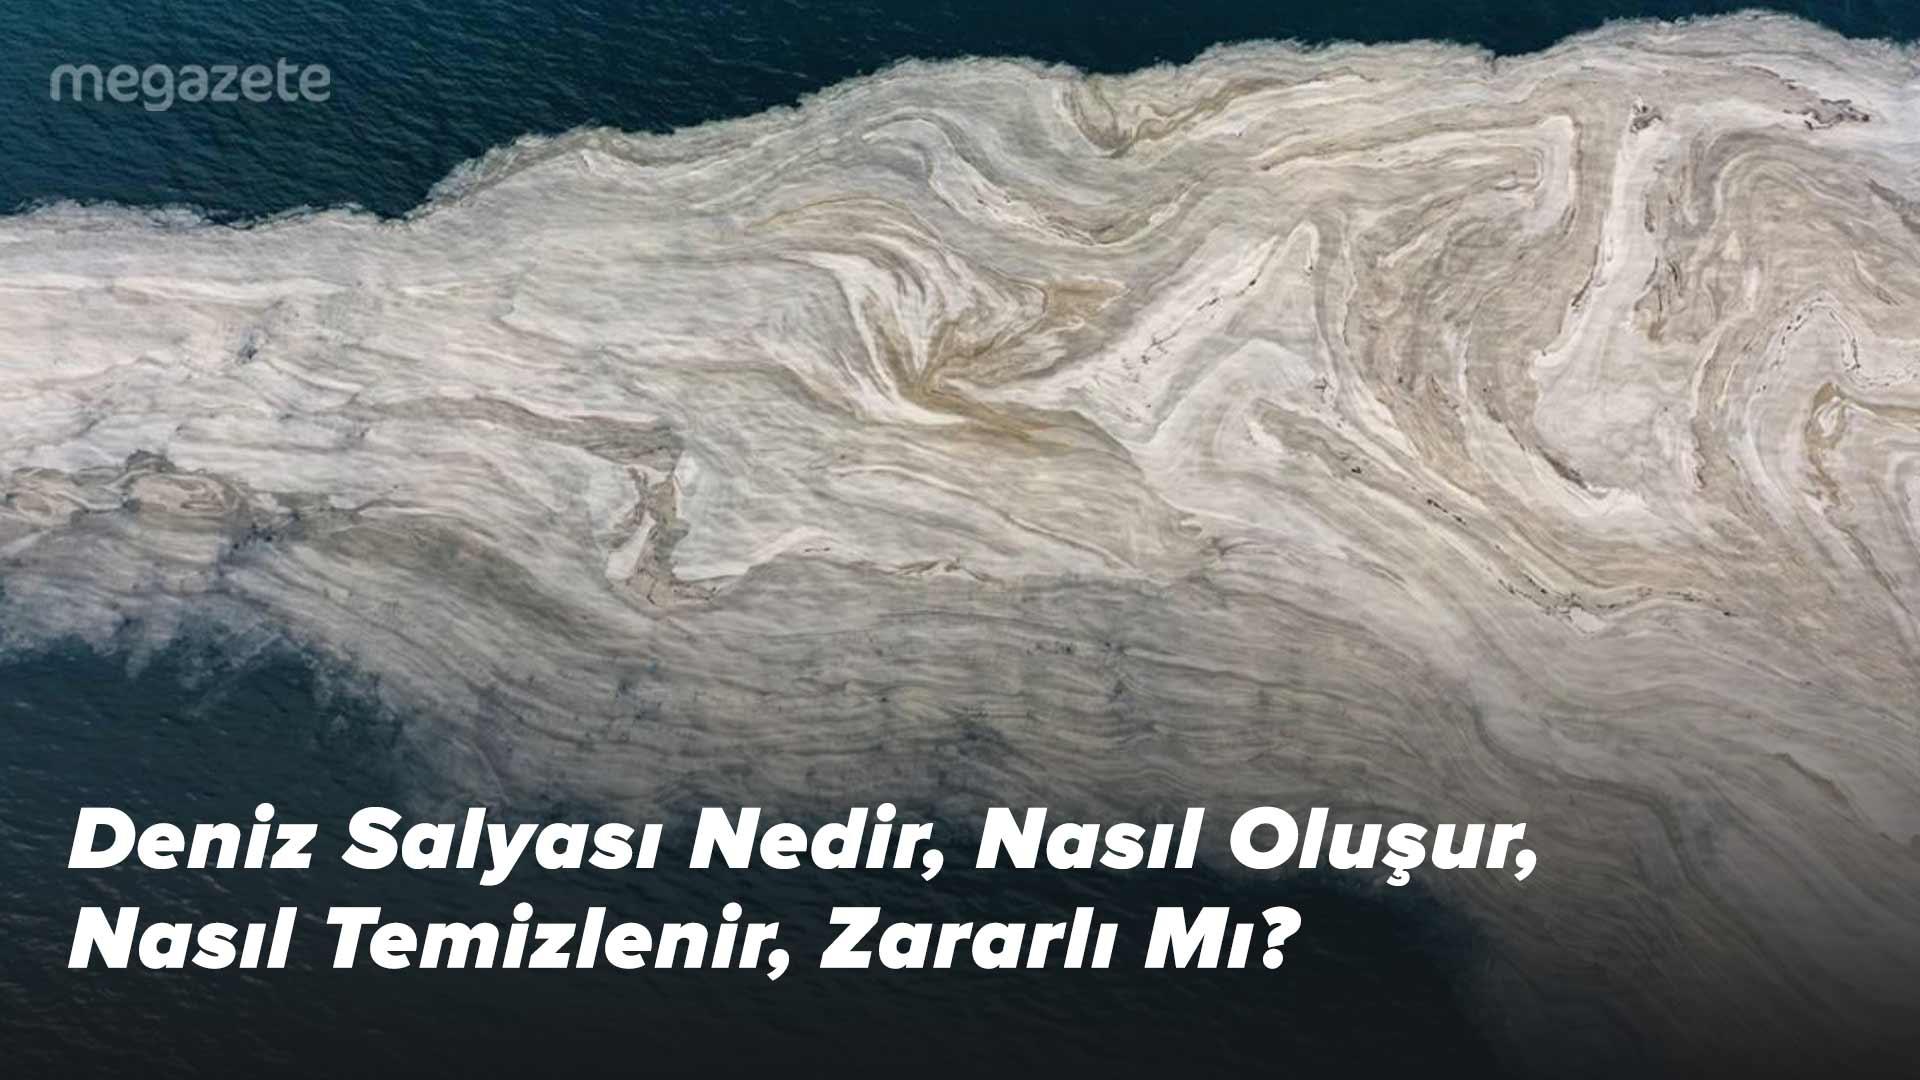 Deniz Salyası Nedir, Nasıl Oluşur, Nasıl Temizlenir, Zararlı Mı?